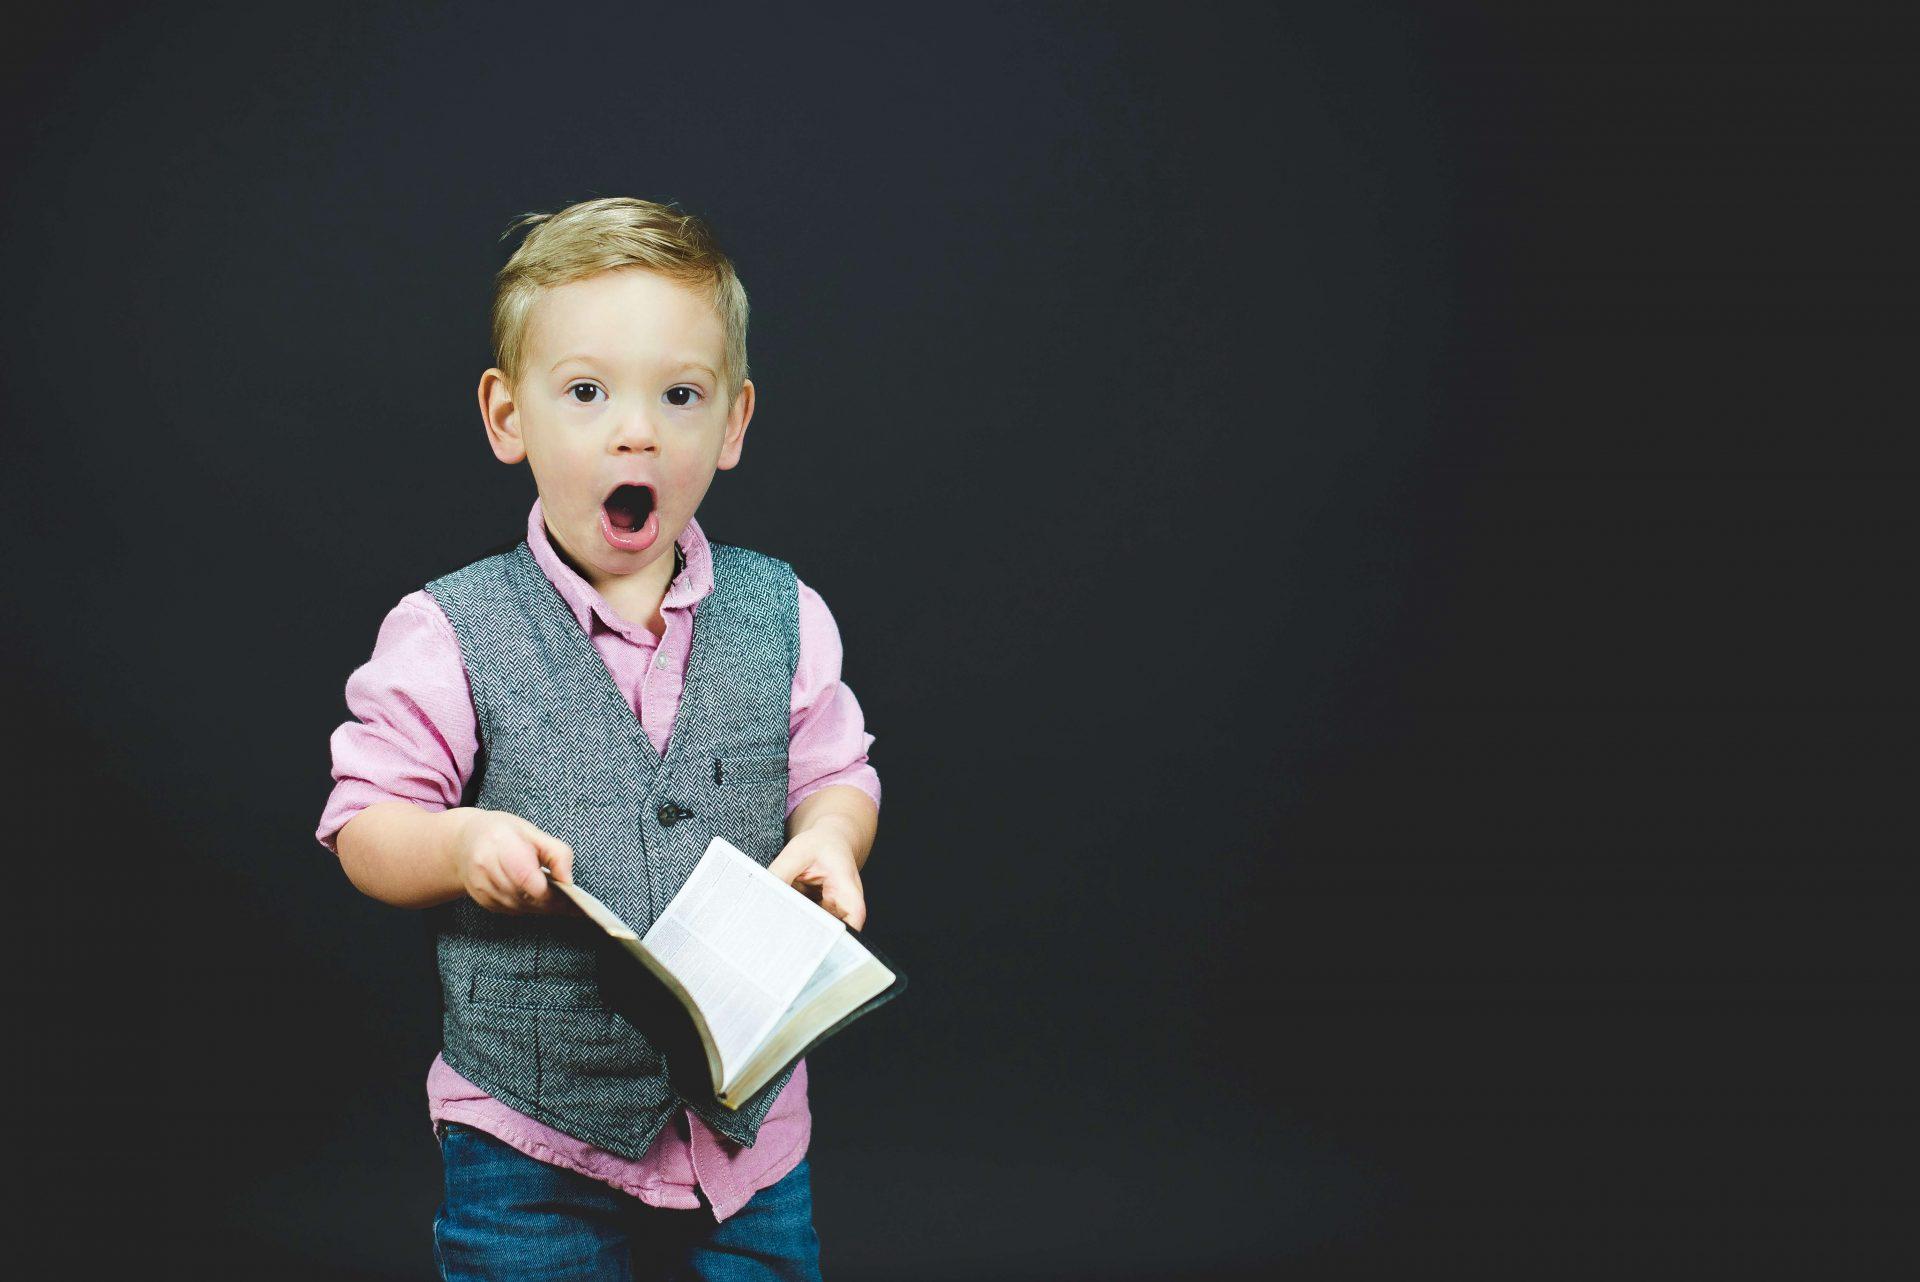 Livros que fazem as crianças crescerem #41: duas doses de poesia